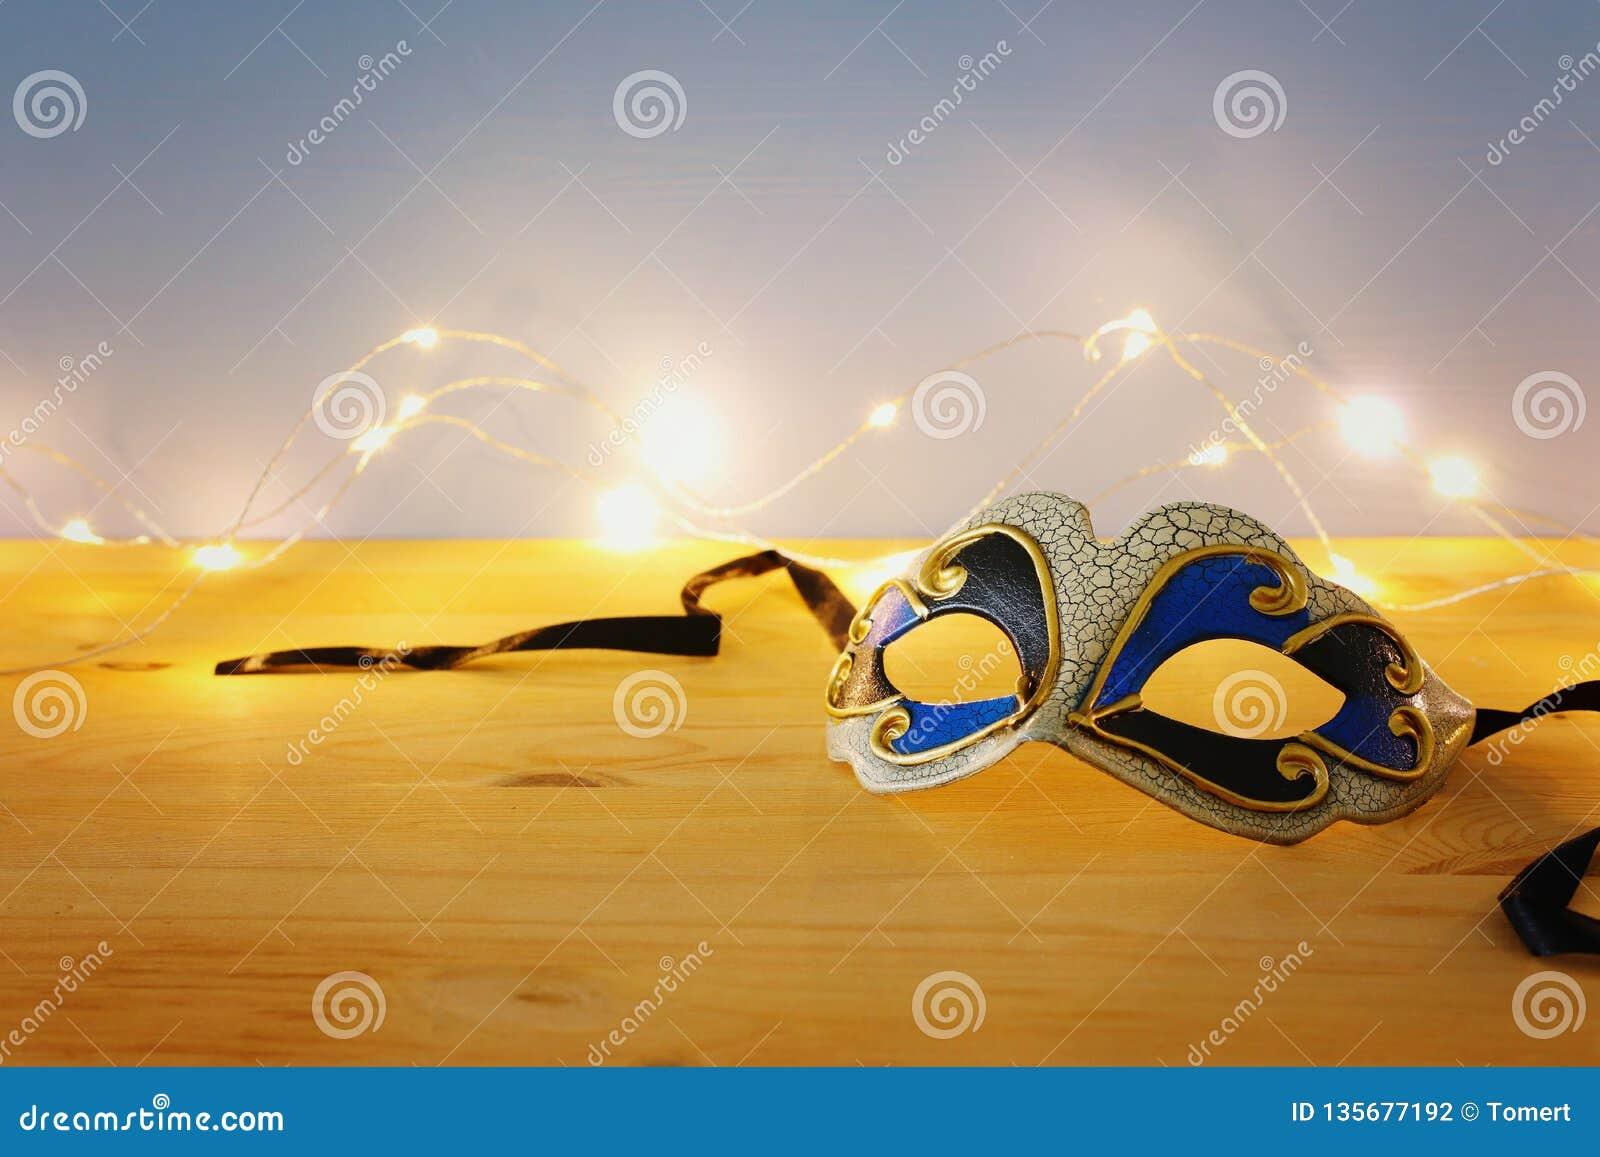 Foto van elegante Venetiaan, het masker van mardigras over houten lijst en slinger gouden lichten